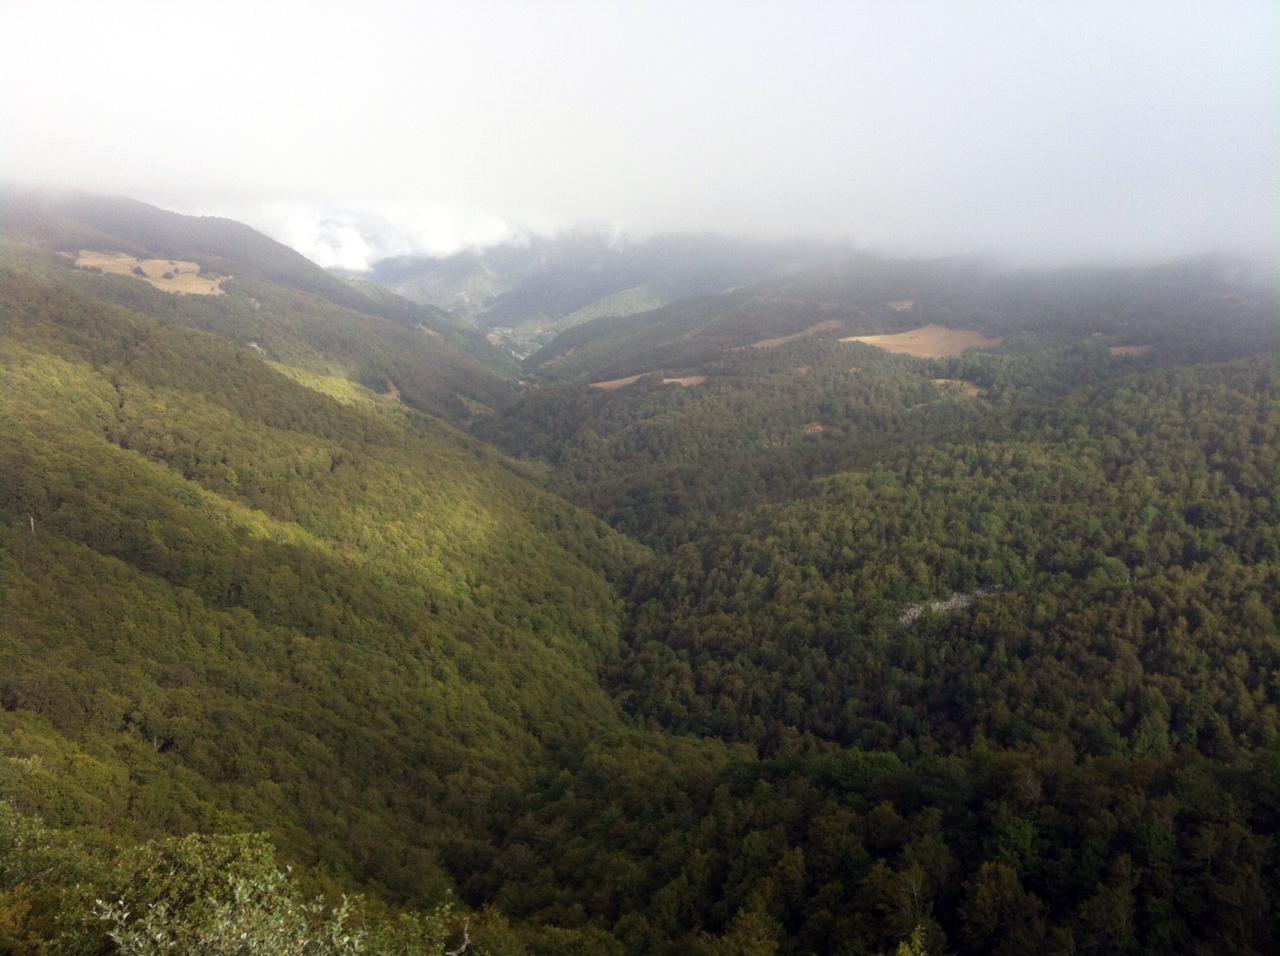 Bosques gestionados, revitalizados